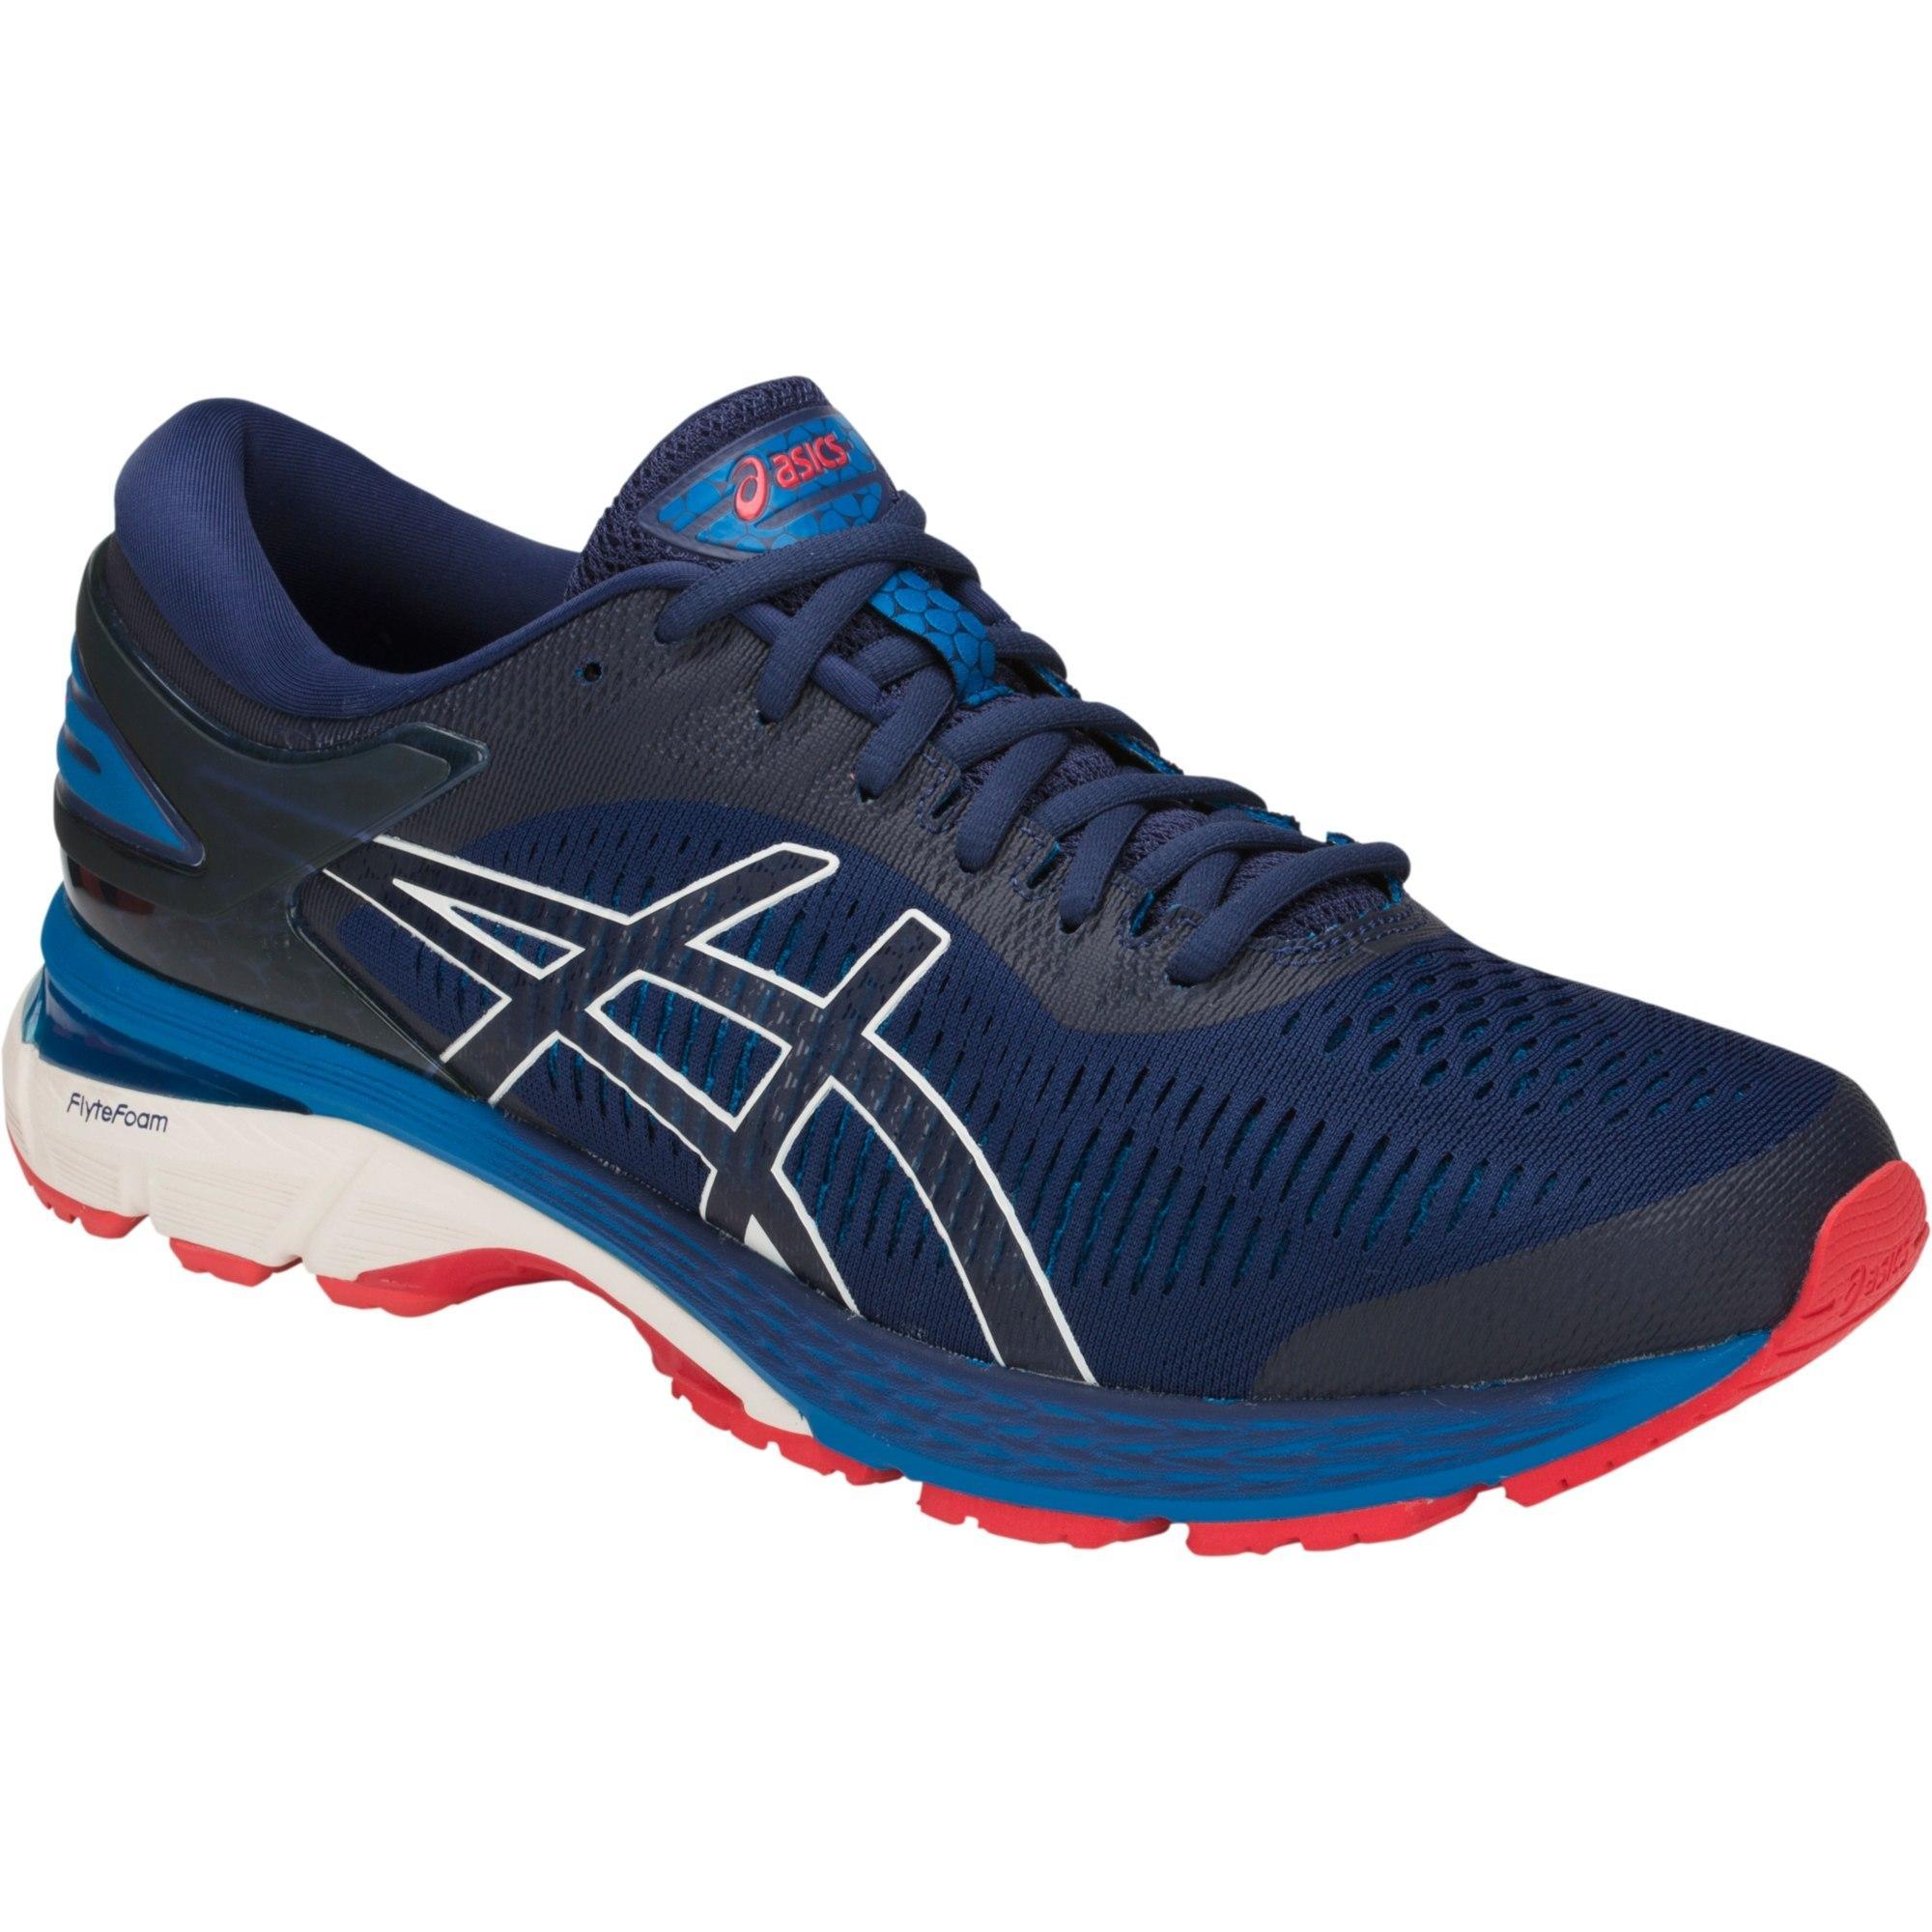 Asics Mens GEL-Kayano 25 Running Shoes - Blue - Tennisnuts.com